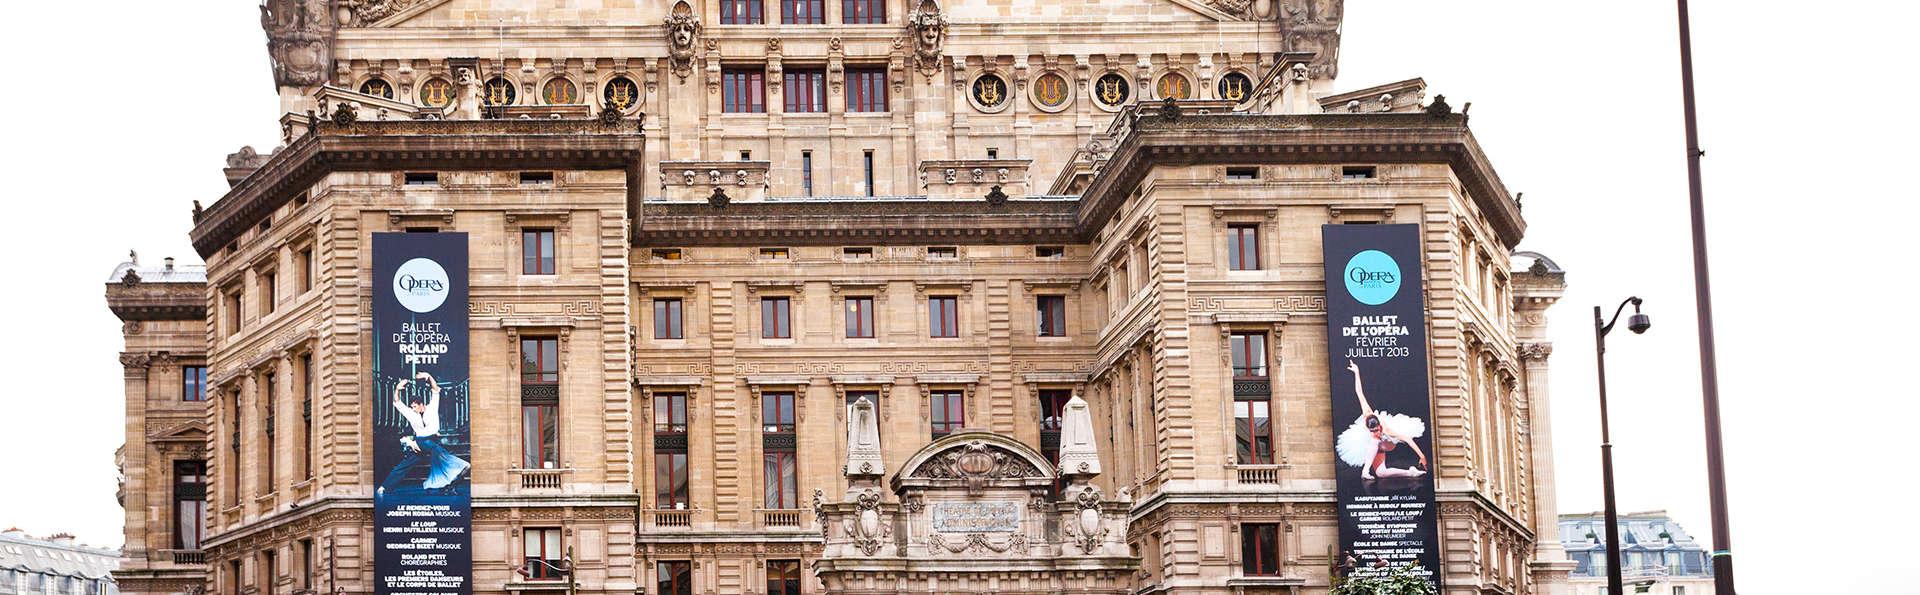 Découvrez les secrets de l'Opéra Garnier lors d'un week-end 3* à Paris